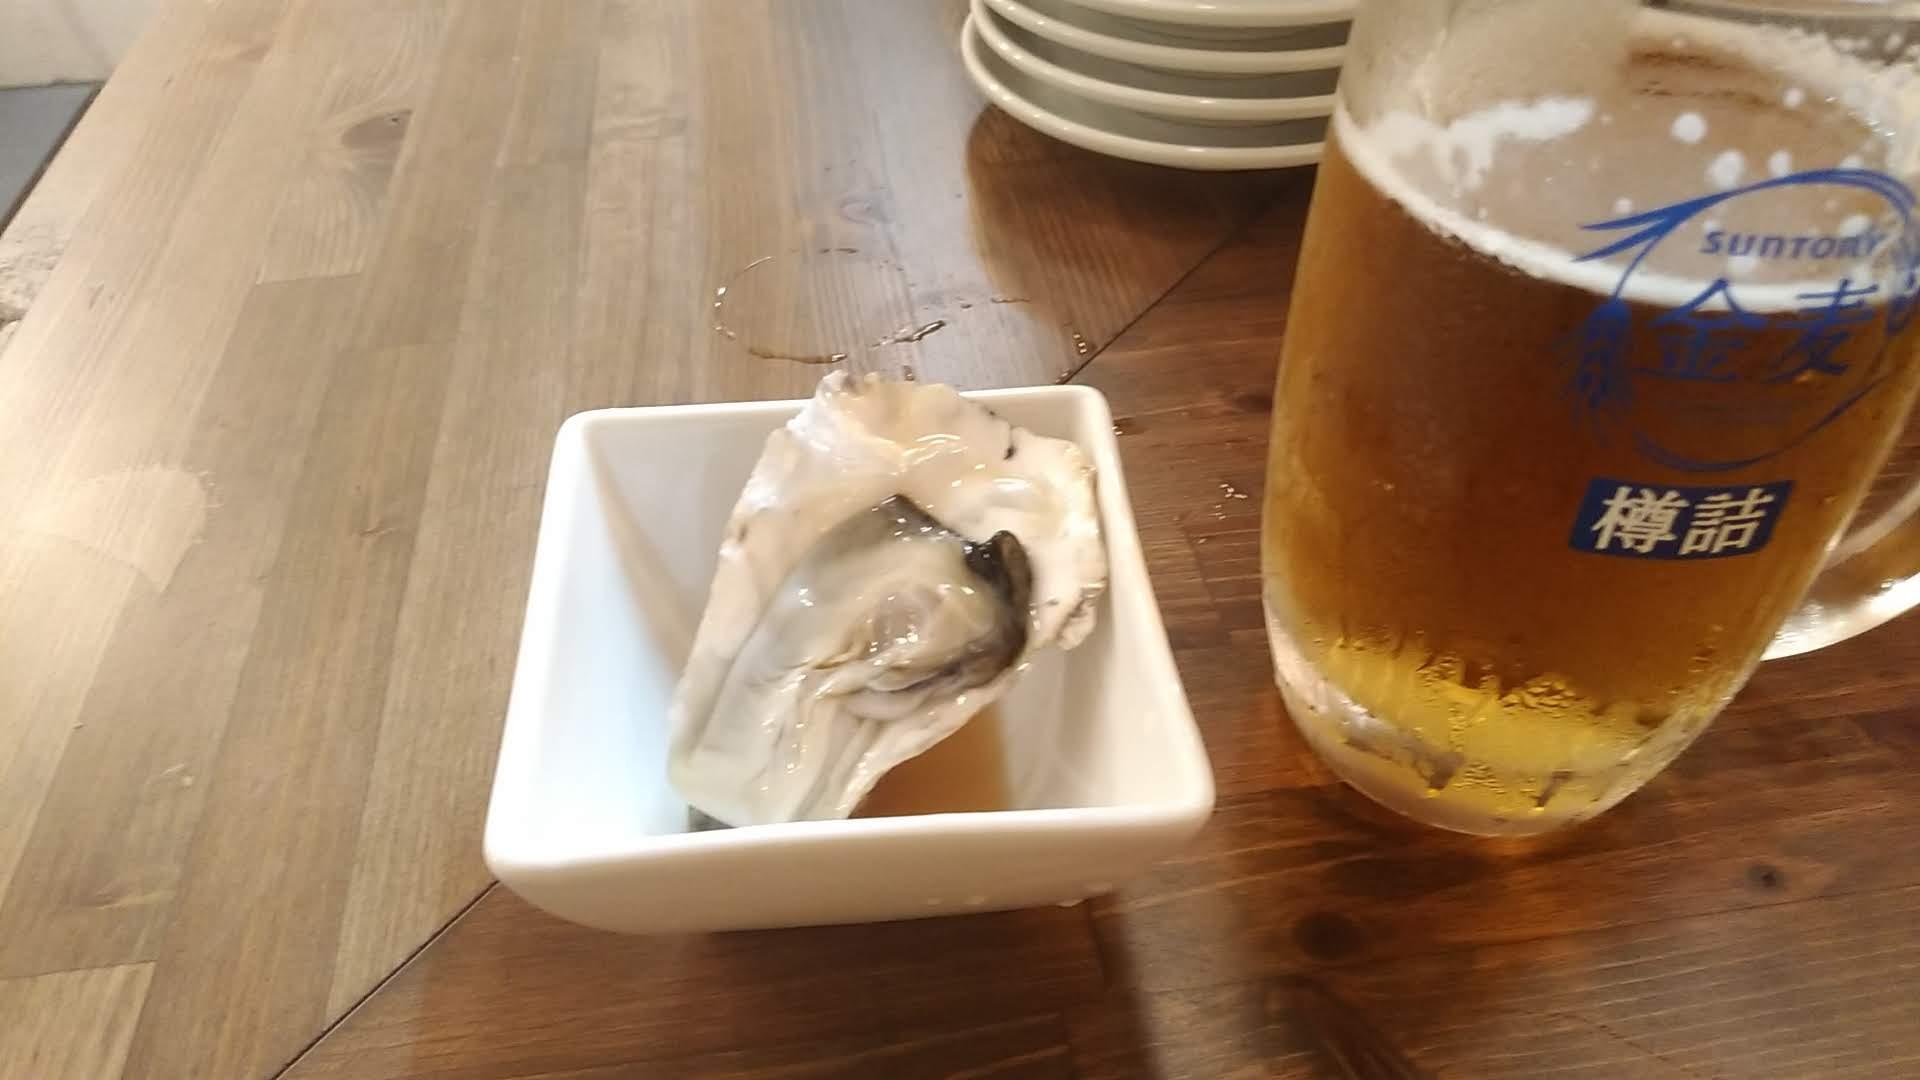 Moji oyster